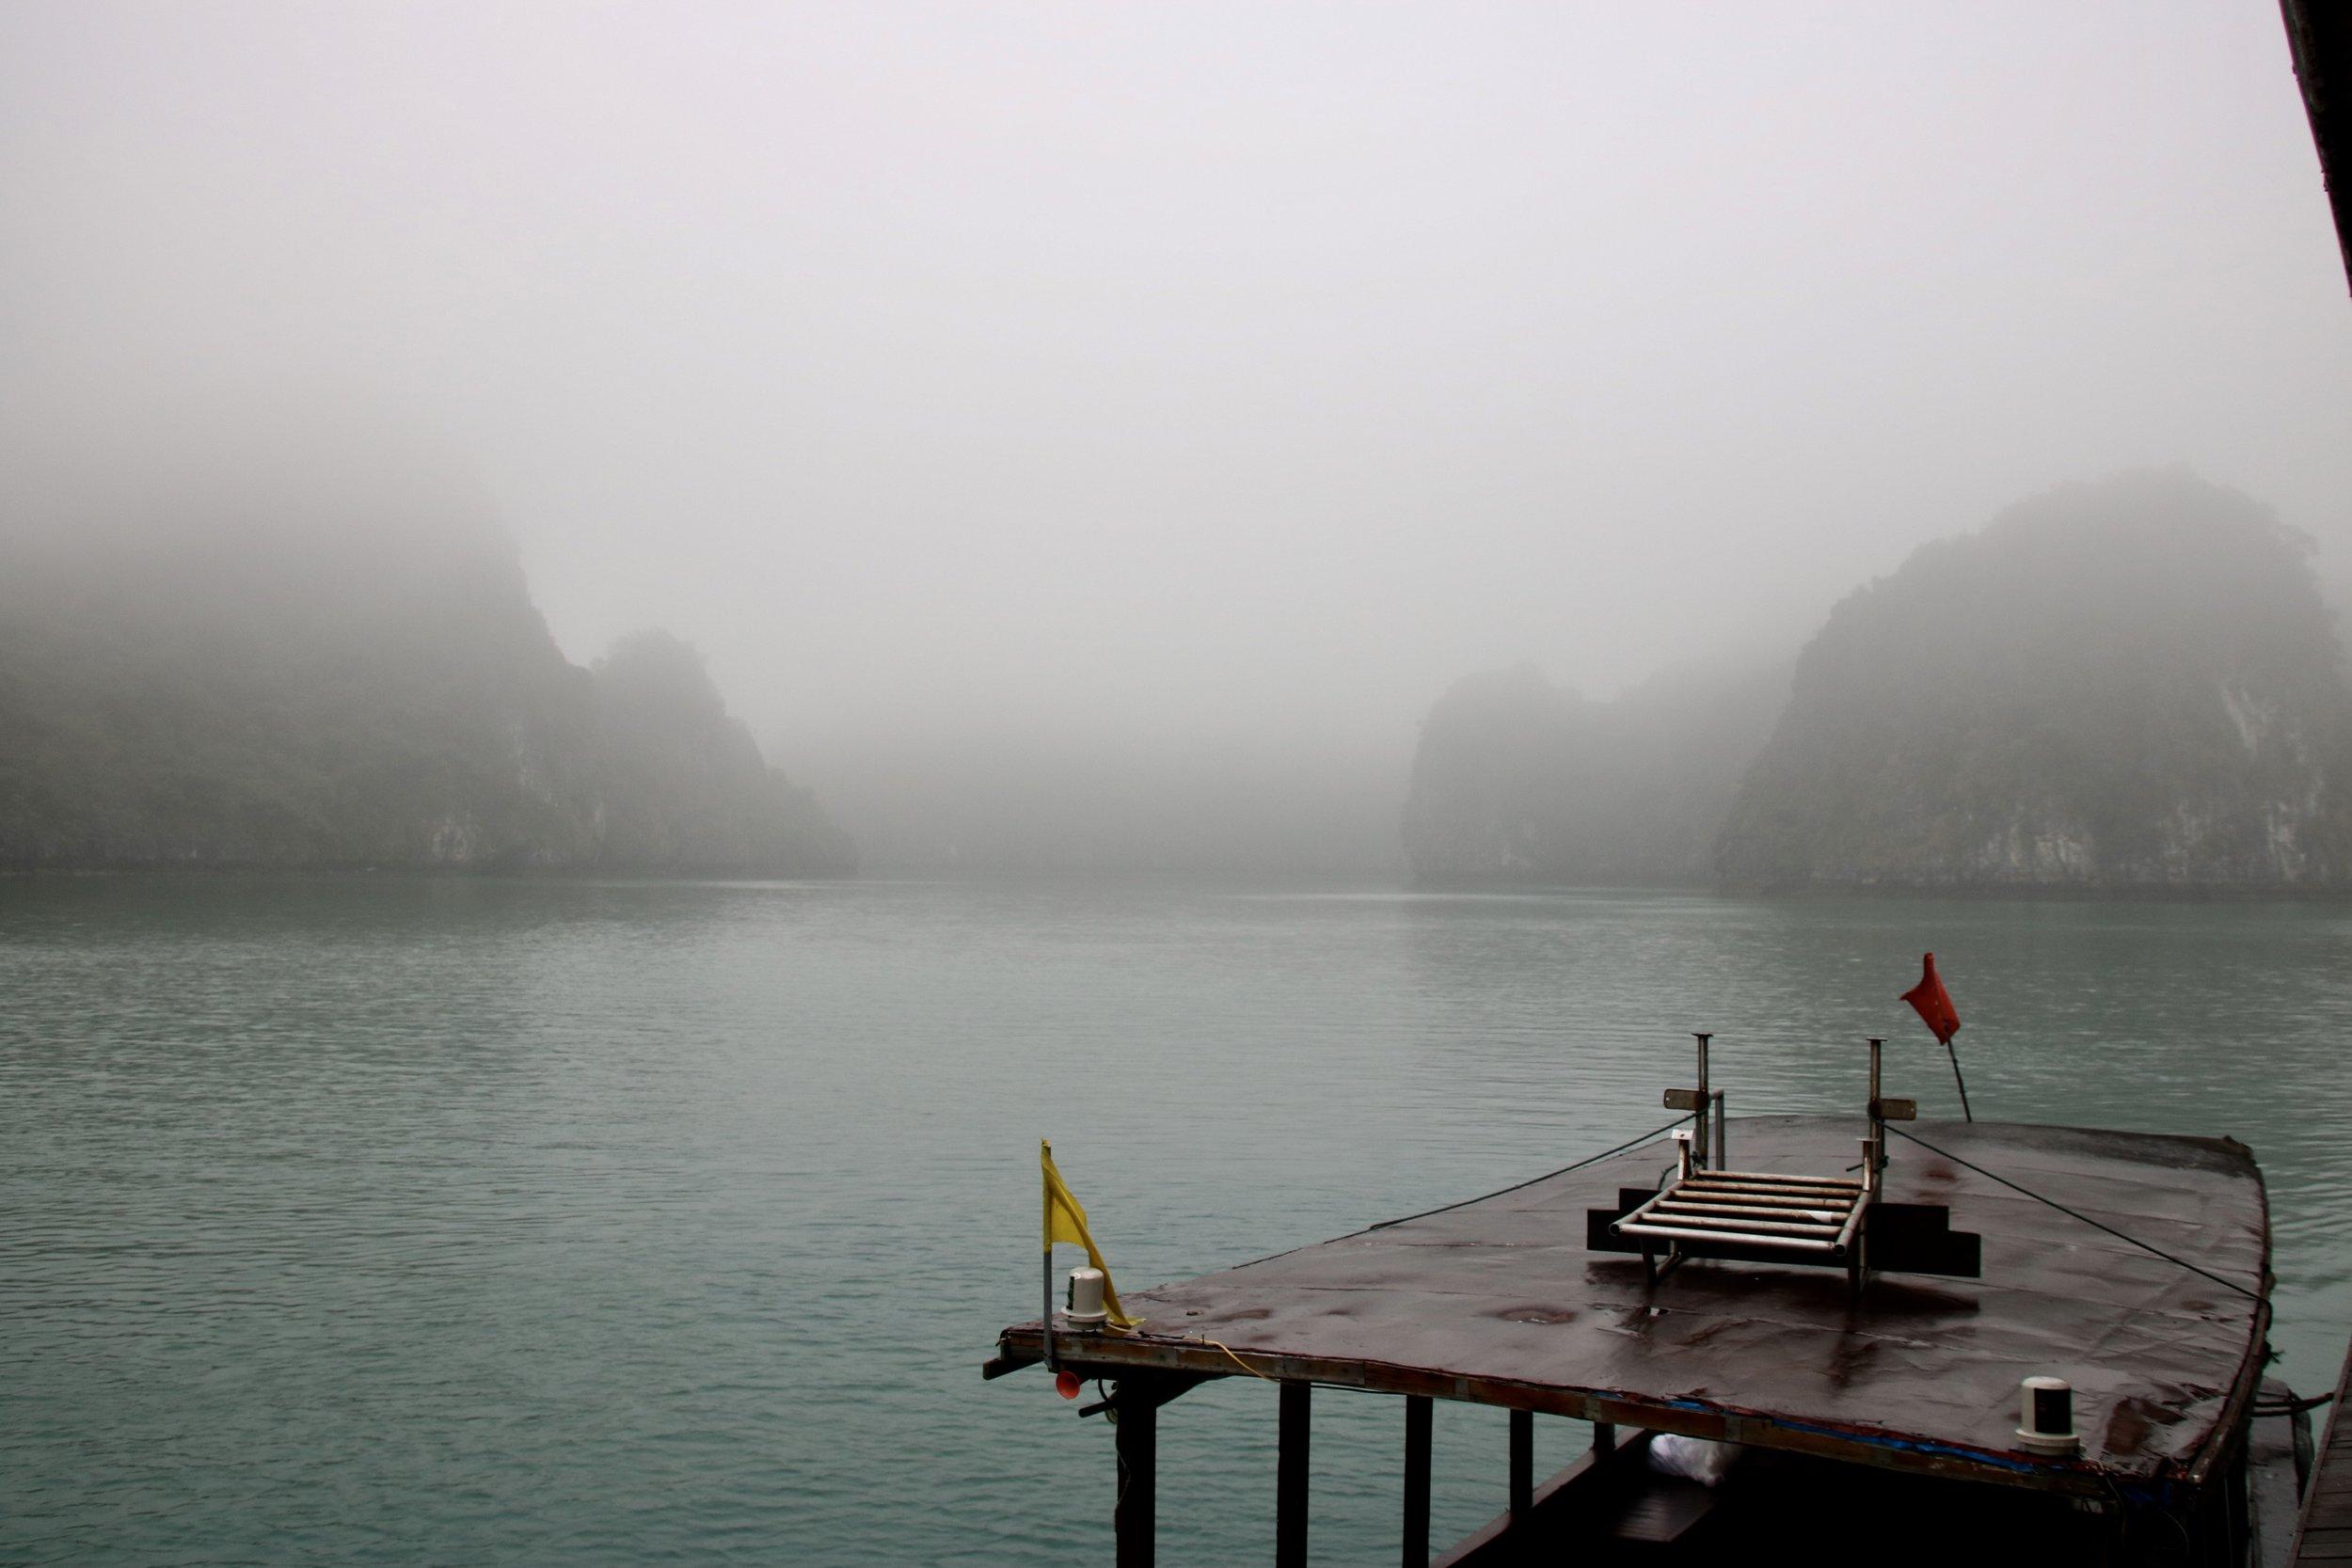 Mist in Bai Tu Long Bay